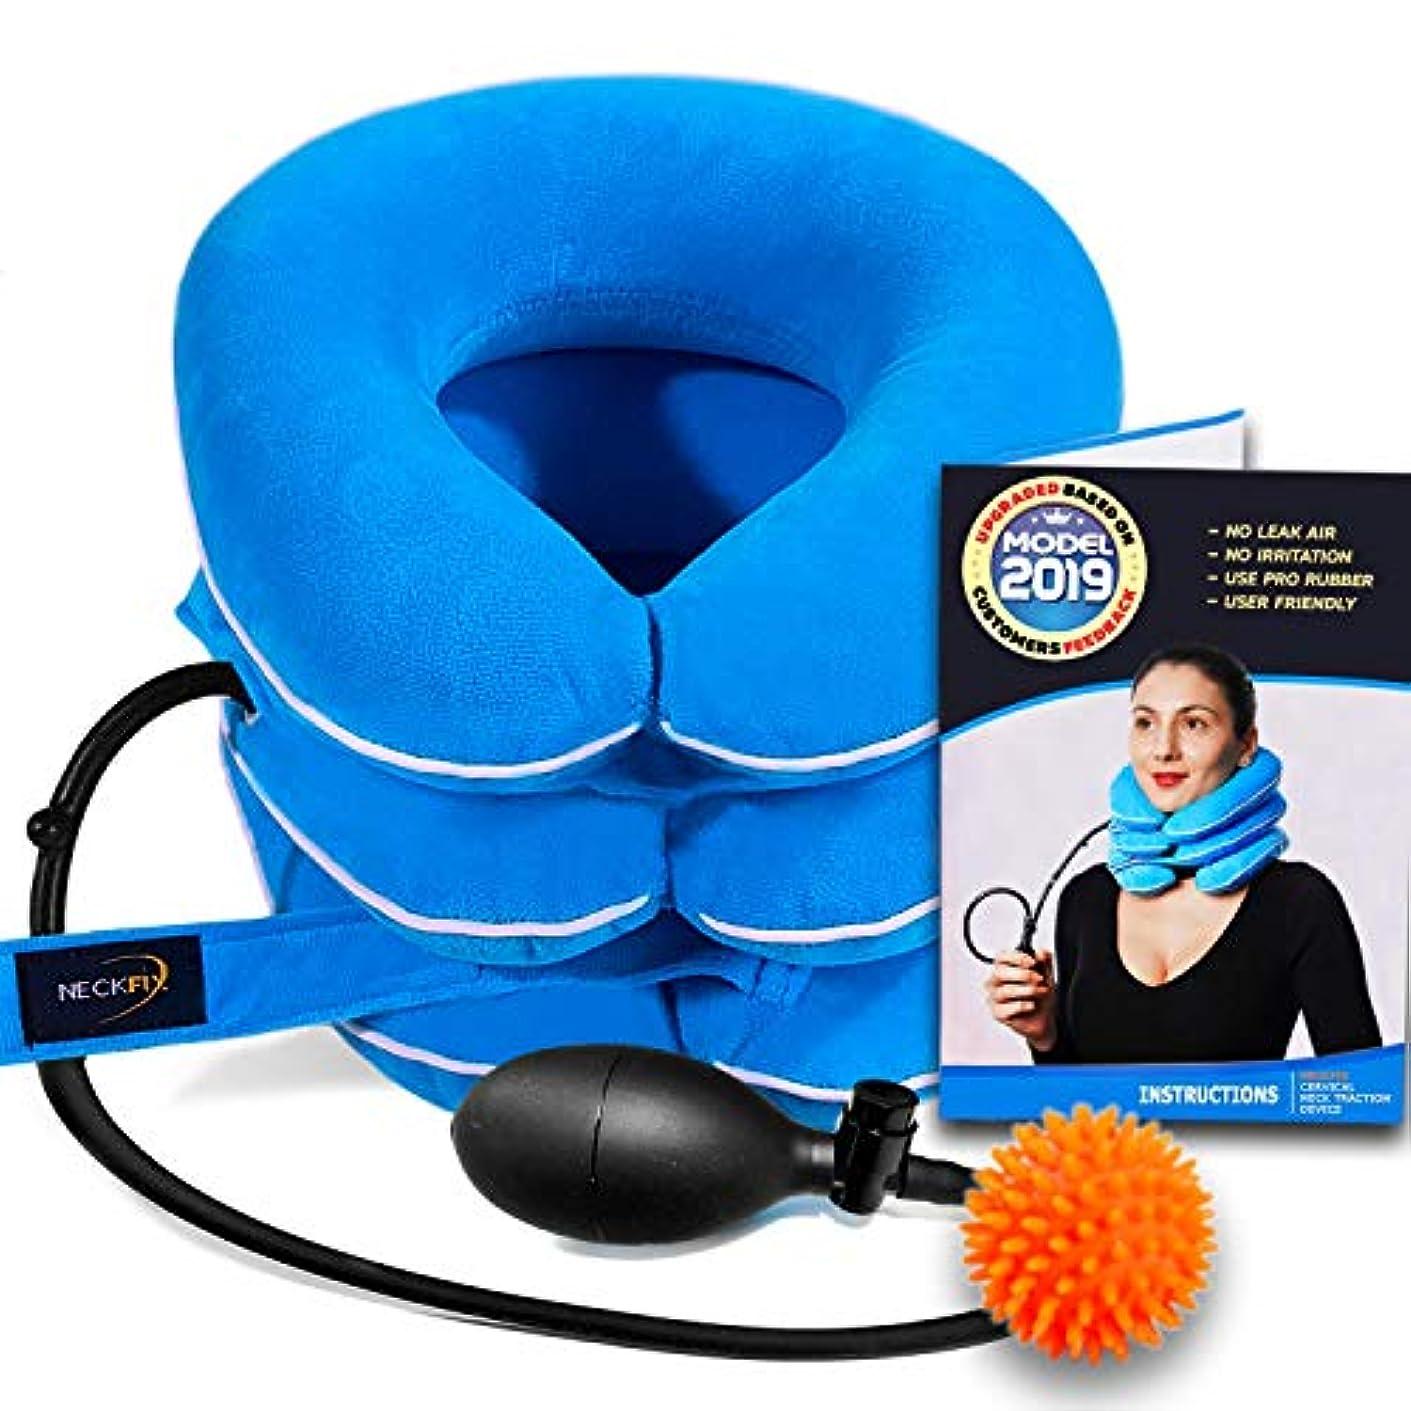 着る気になる噴火Cervical Neck Traction Device by NeckFix for Instant Neck Pain Relief [FDA Approved] - Adjustable Neck Stretcher Collar for Home Traction Spine Alignment [Model 2019] + Bonus (12-17 inch) 141[並行輸入]